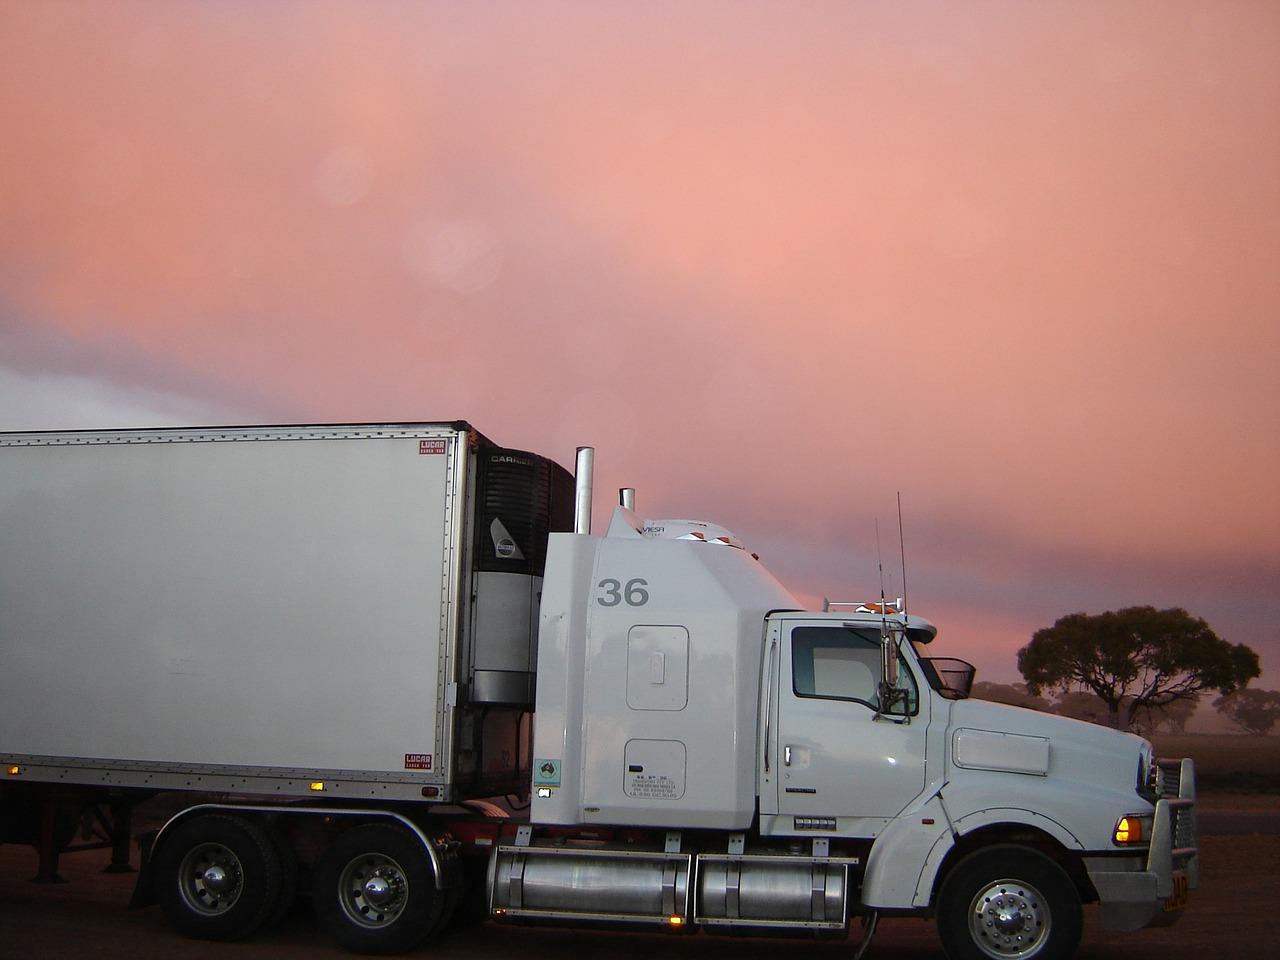 Precintado de camiones Precintia